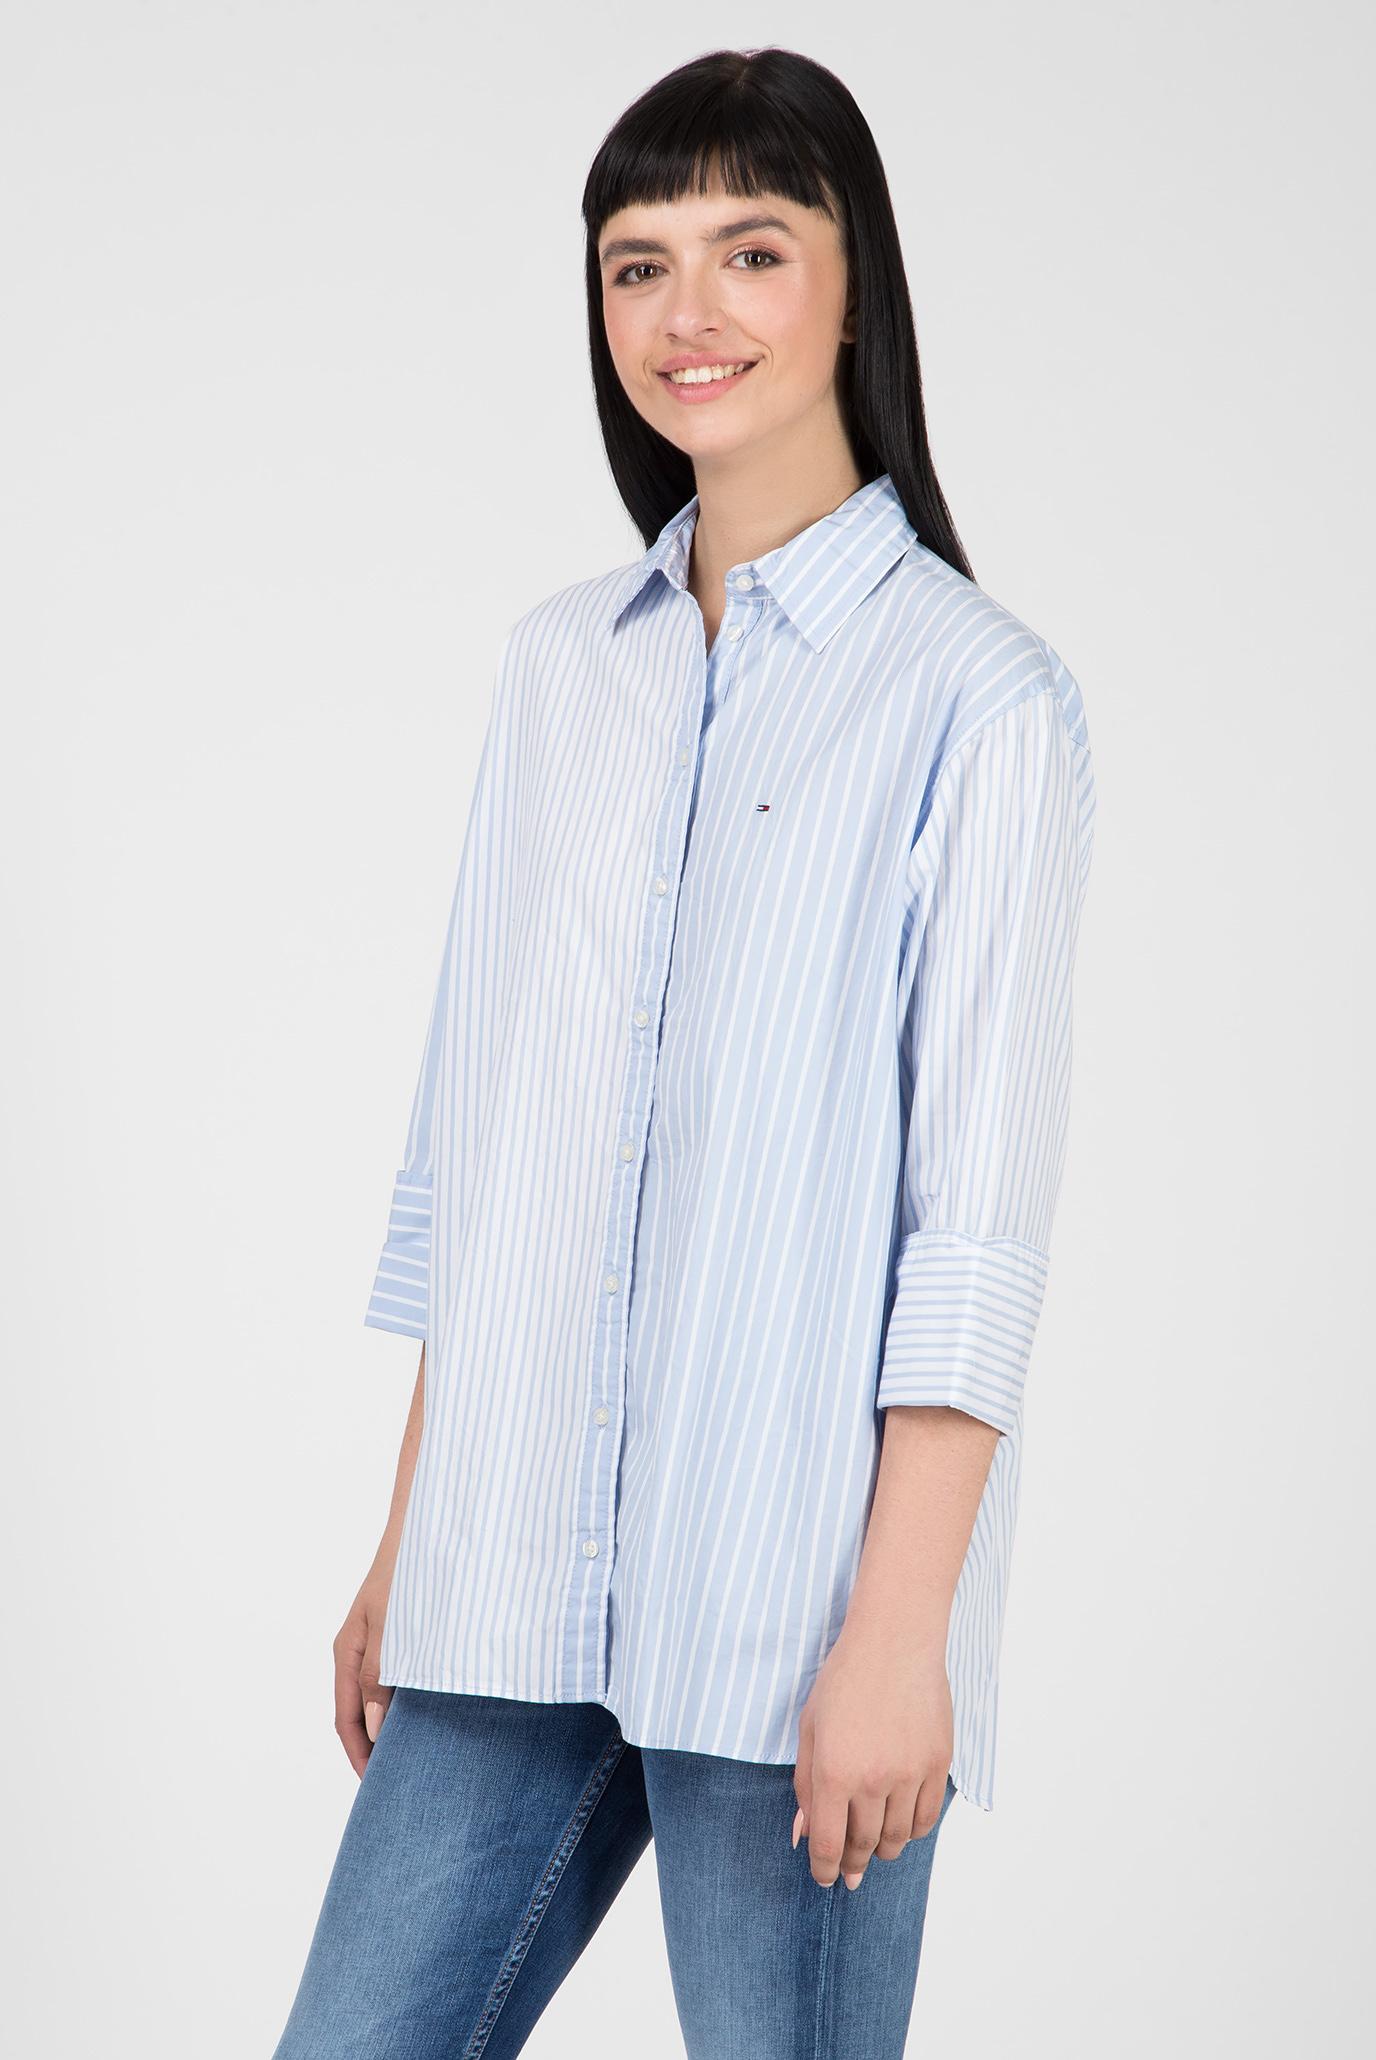 Купить Женская голубая рубашка в полоску TJW CONTRAST STRIPE Tommy Hilfiger Tommy Hilfiger DW0DW05787 – Киев, Украина. Цены в интернет магазине MD Fashion